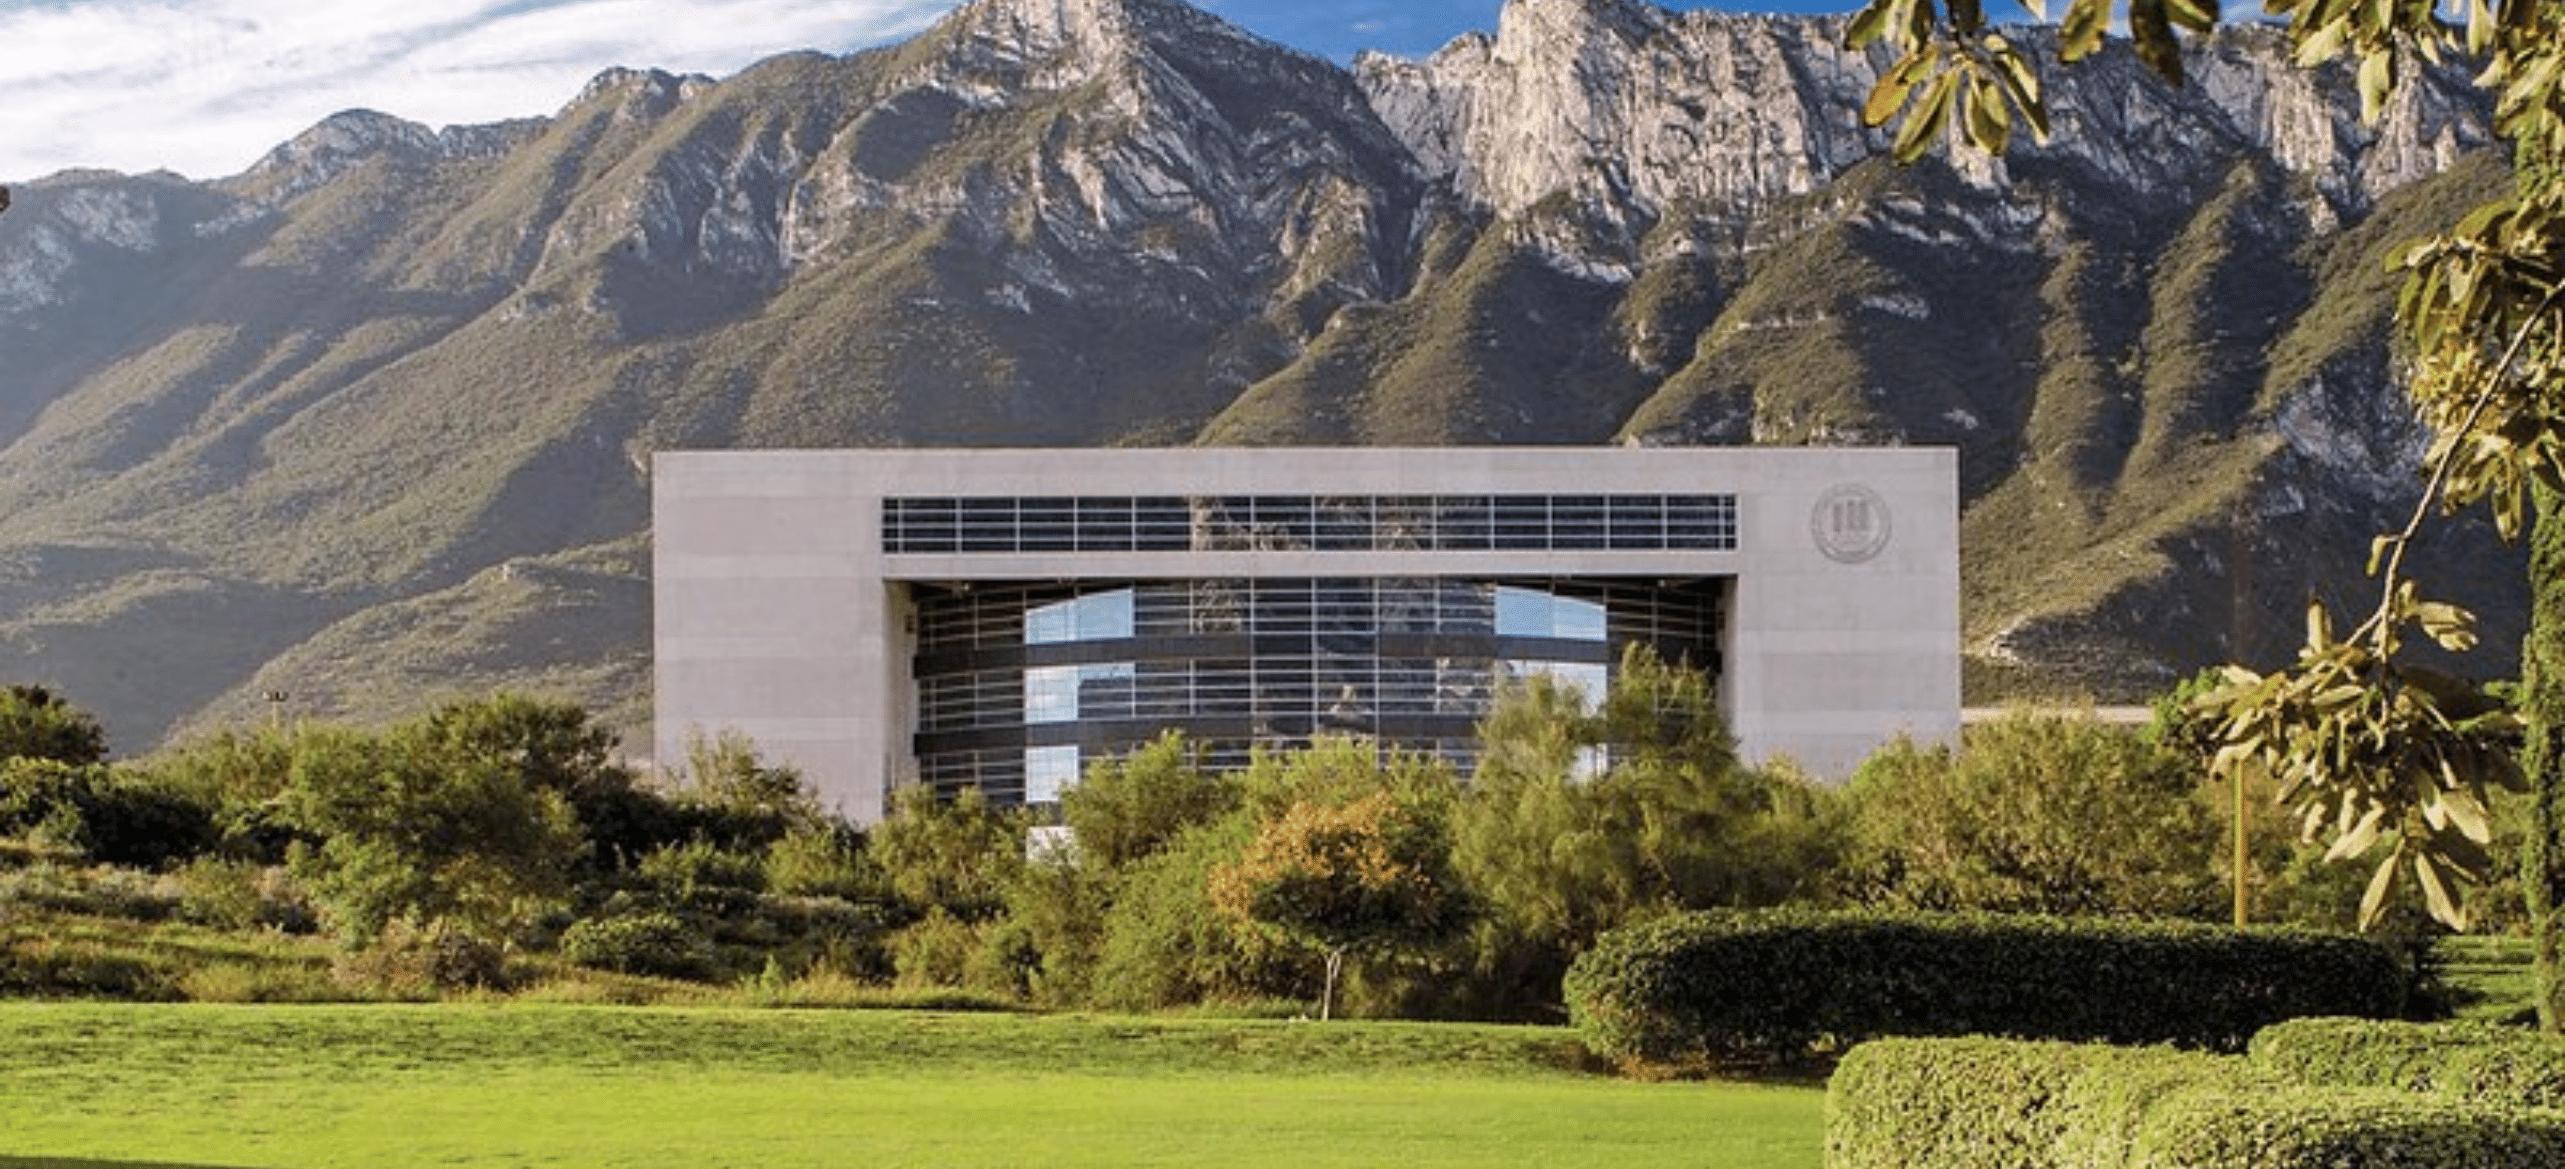 La Universidad de Monterrey confía en StockCrowd para iniciarse en el Fundraising Digital